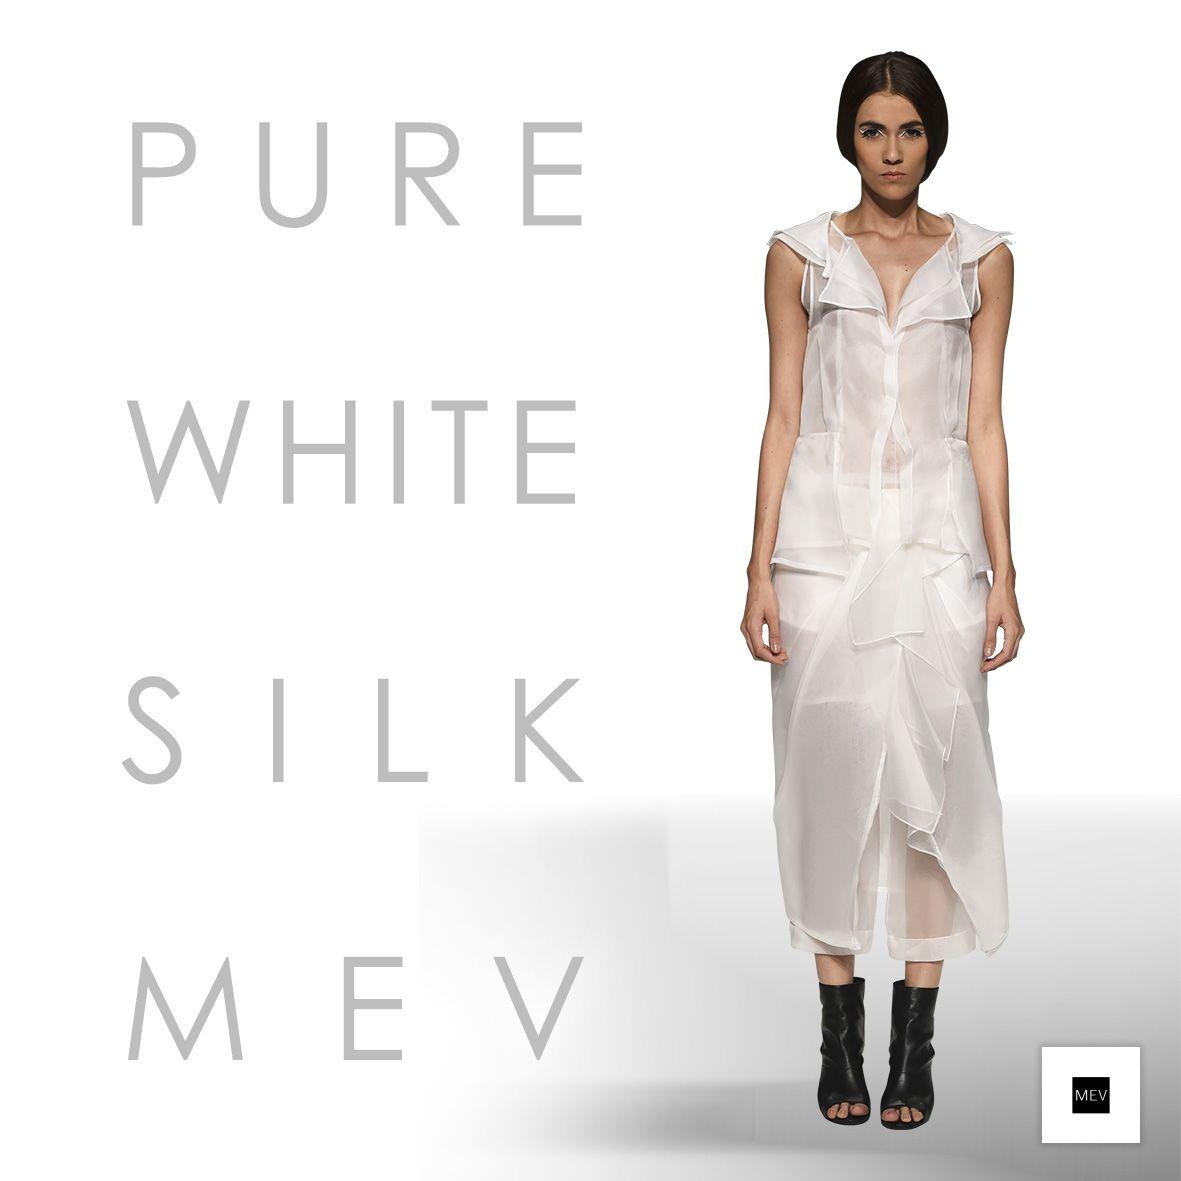 Primavera Verano 2015 PURE WHITE SILK MEV